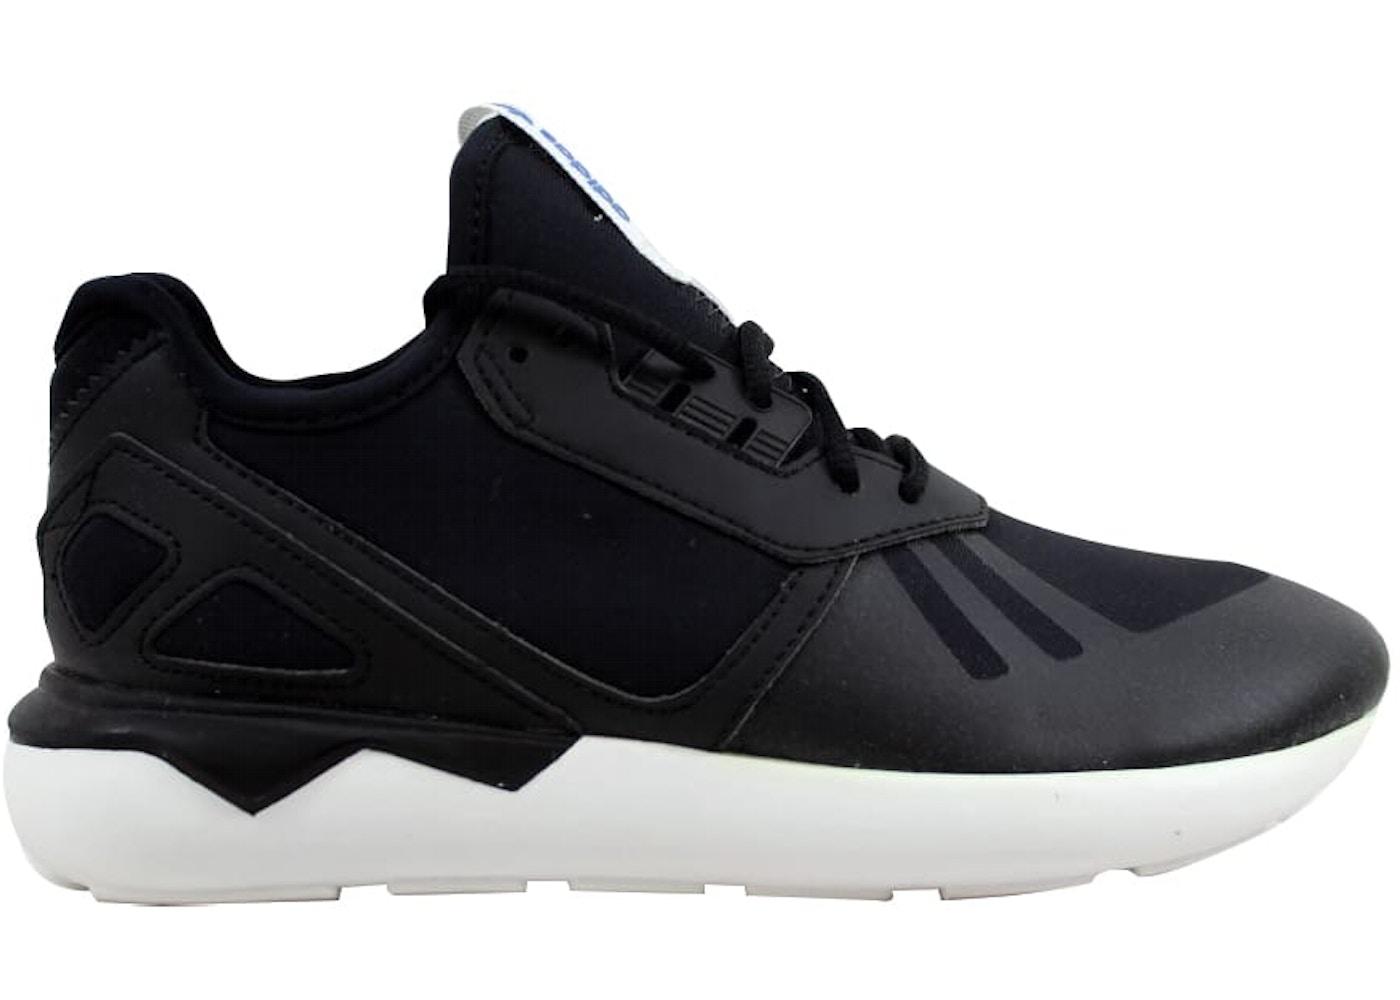 quality design 5ff0a 63db8 adidas Tubular Runner Black/Black-Green (W)